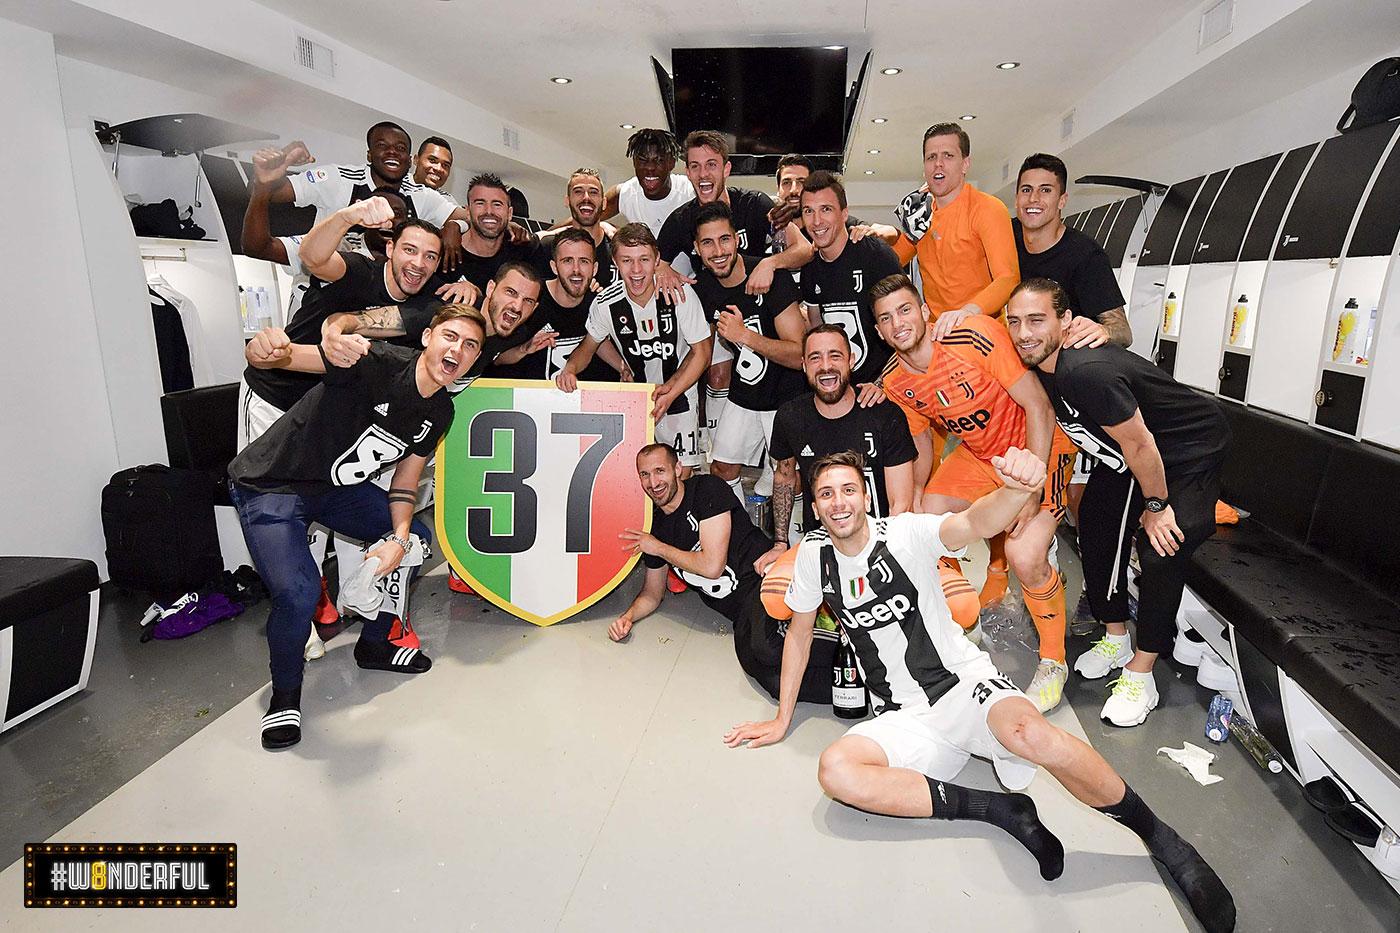 5c8f6be159 Benvenuti nel sito dello Juventus Club Mori